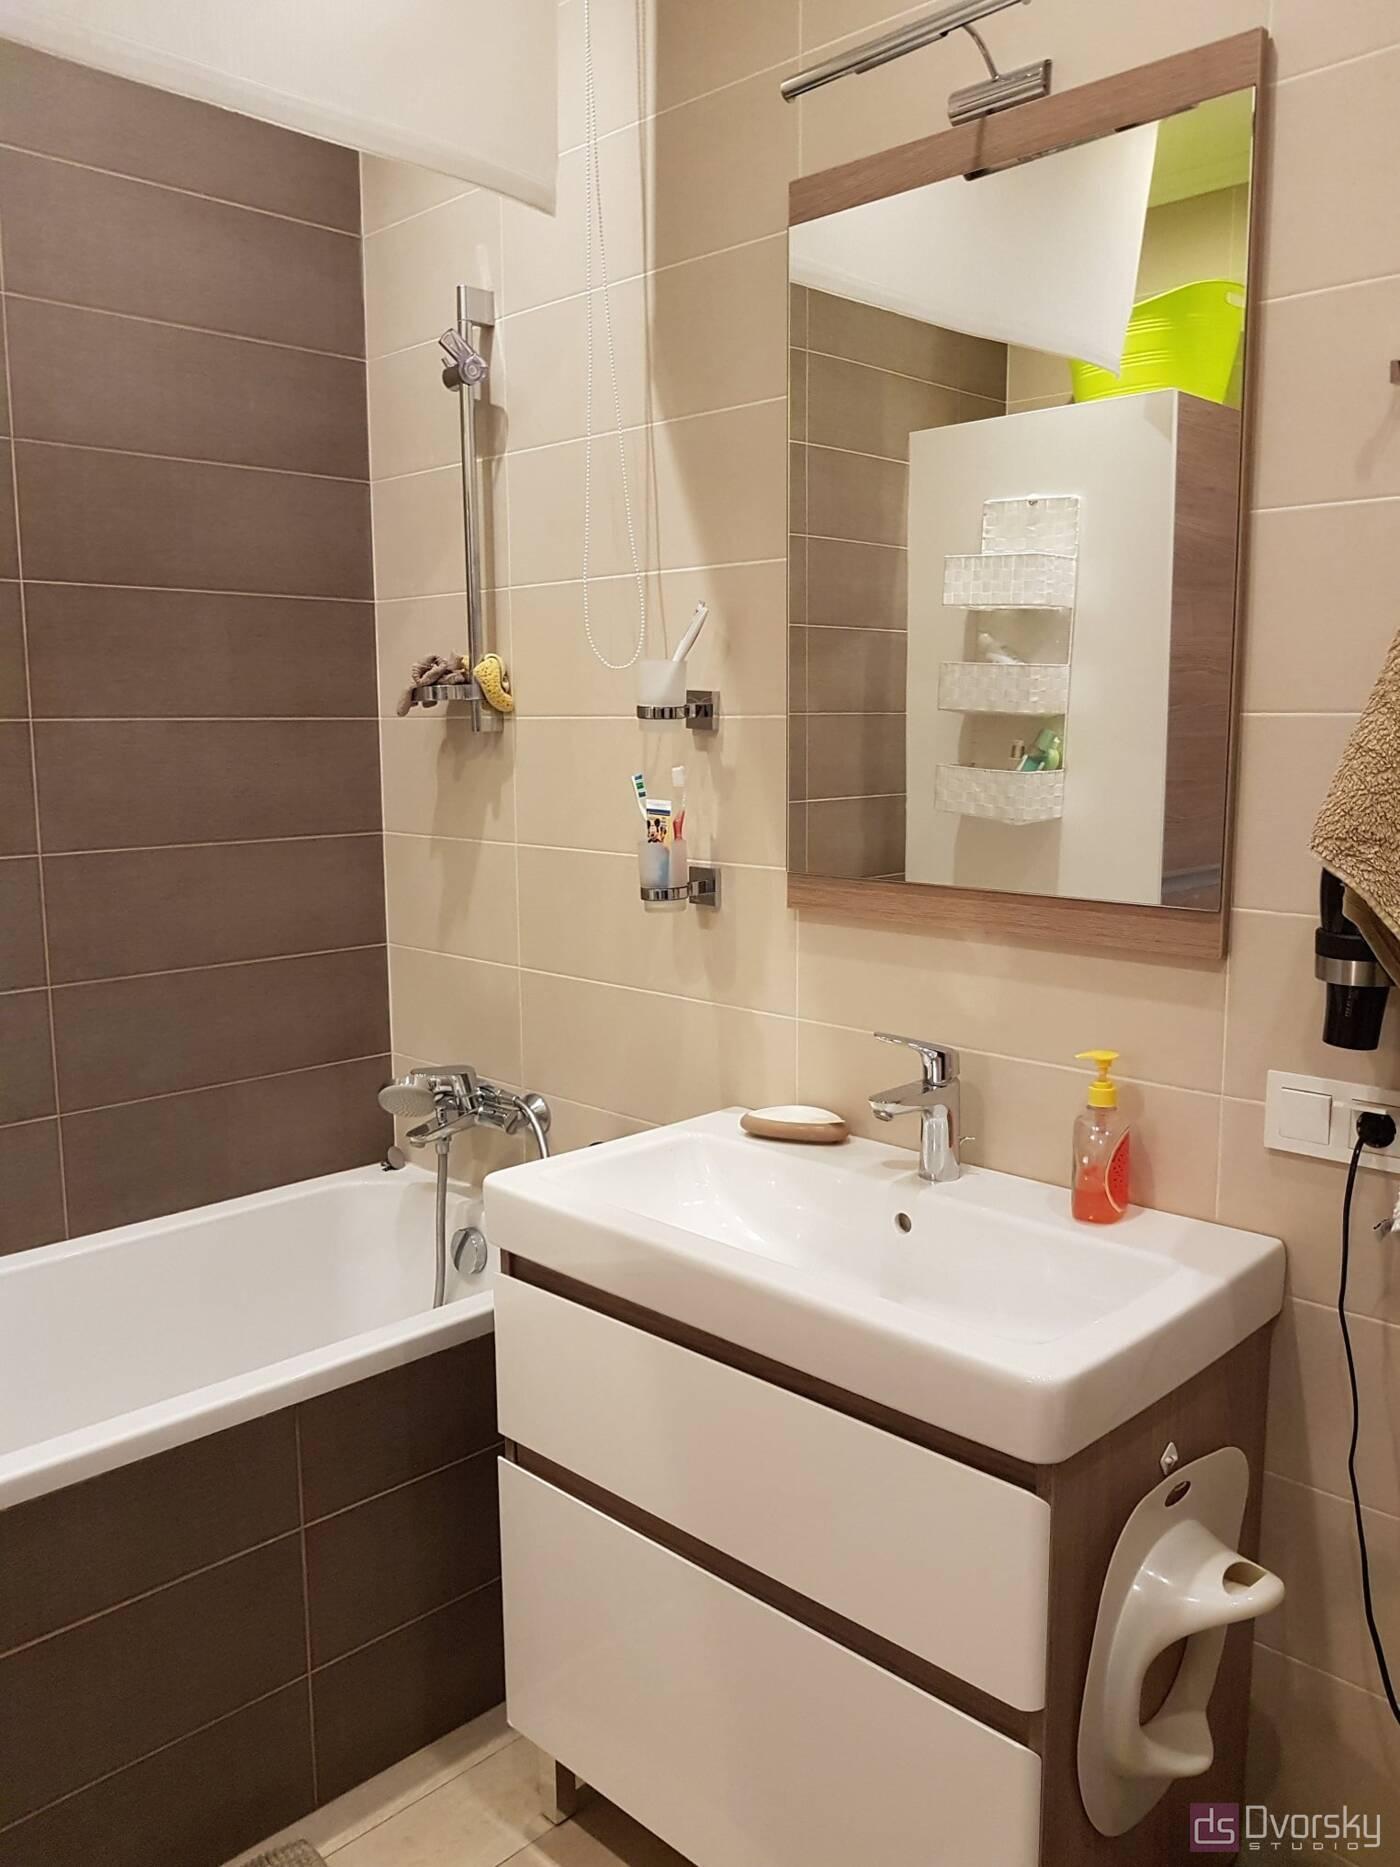 Меблі для ванної Меблевий комплект для ванної кімнати - Фото № 2